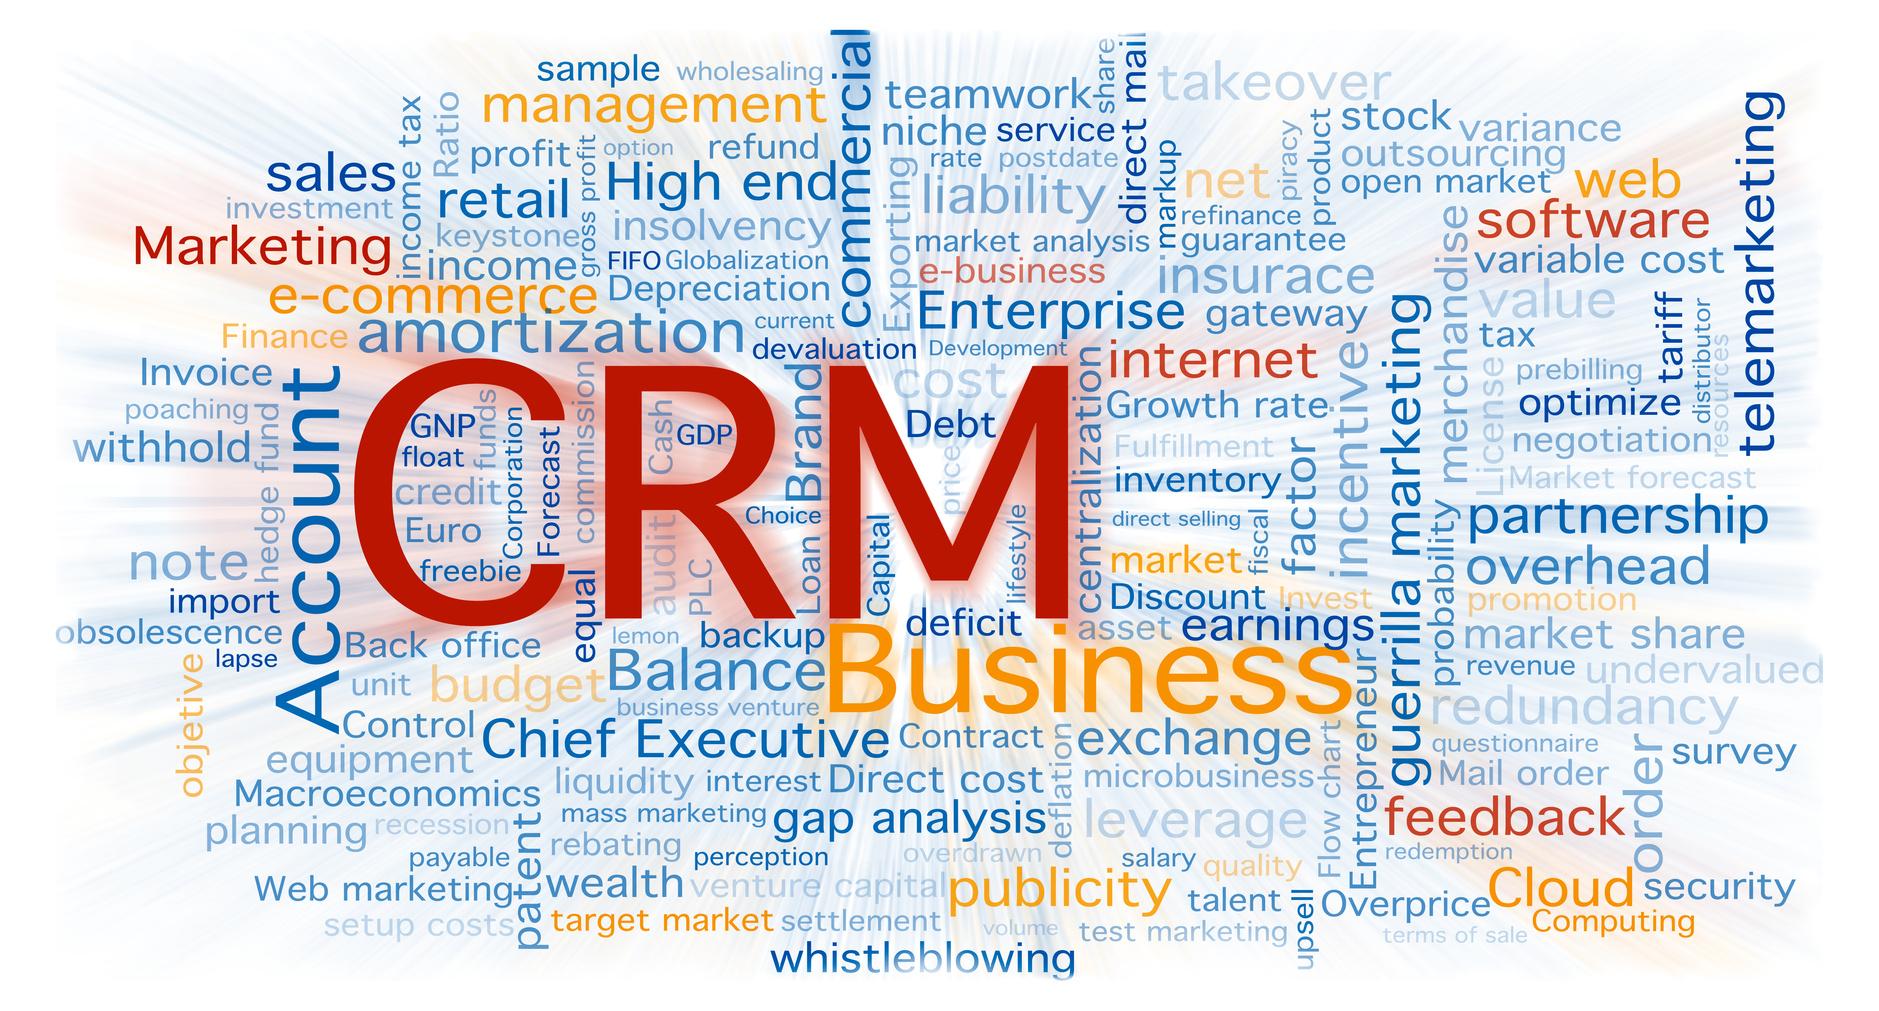 sisema gestione crm siti internet